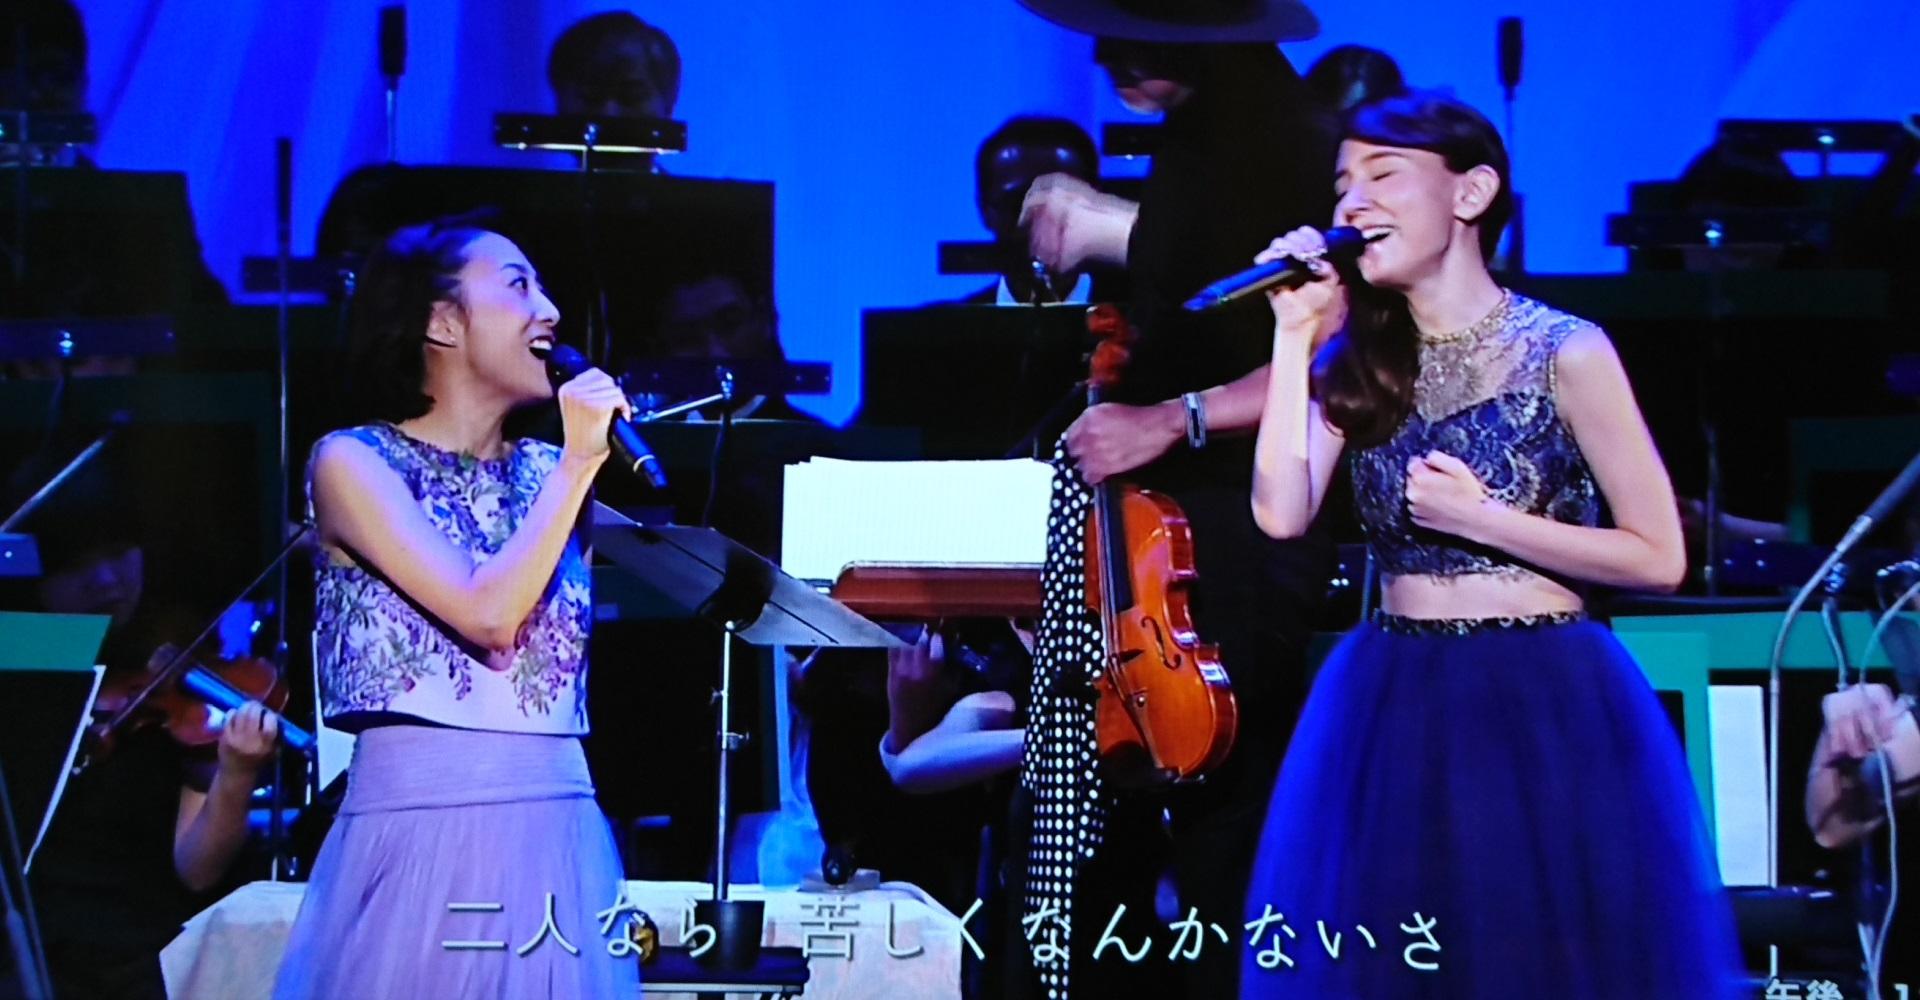 2016.10.23 メイジェイさんと一青窈さん♪ (1) 1920-1000